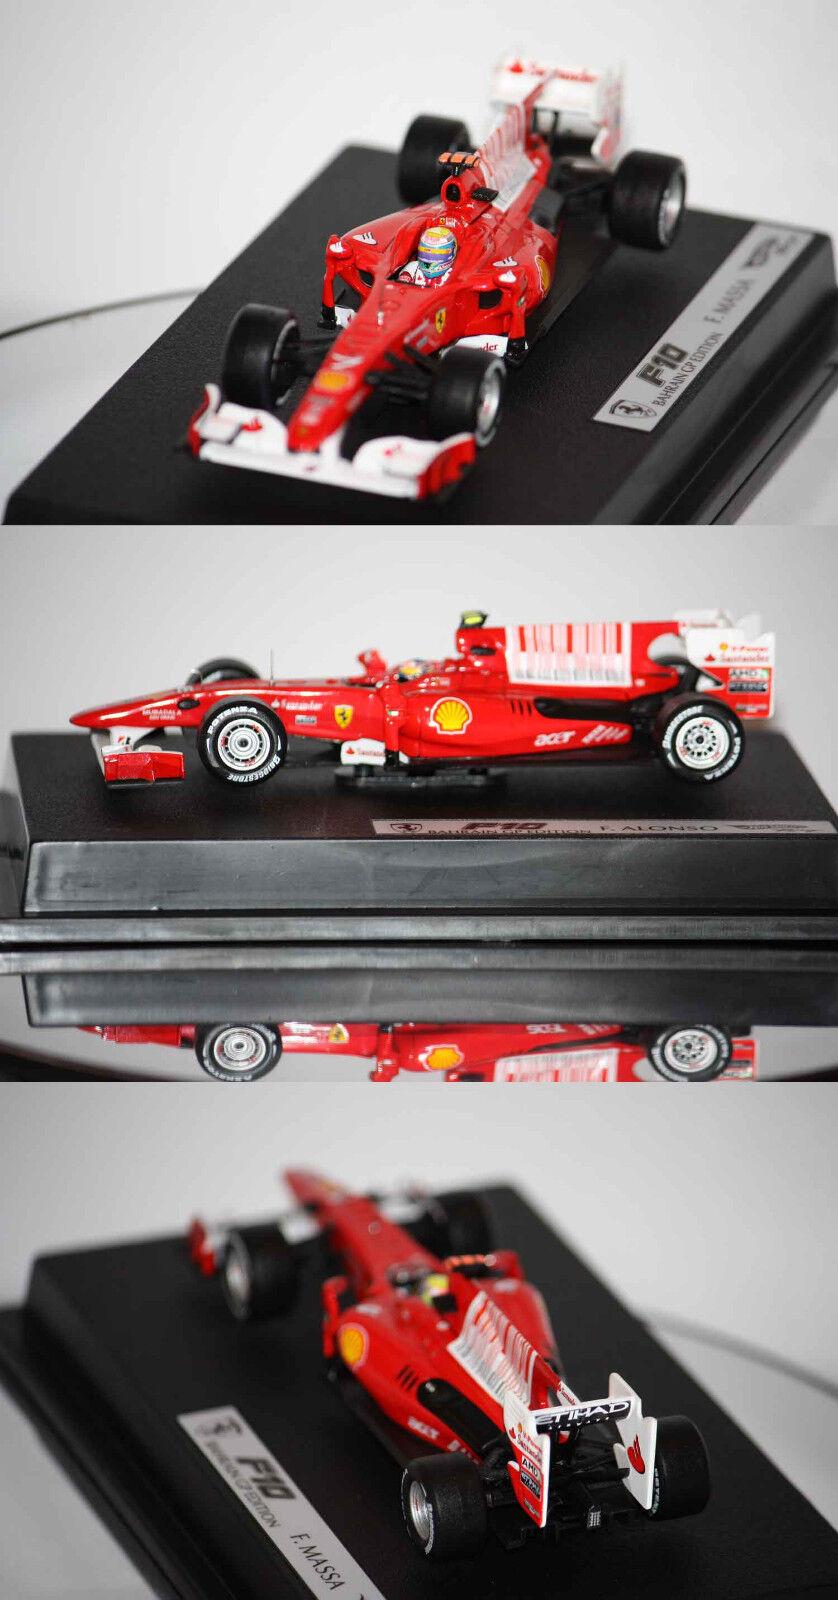 Hotwheels F1 Ferrari F10 F. Massa 2010 1 43 T6290